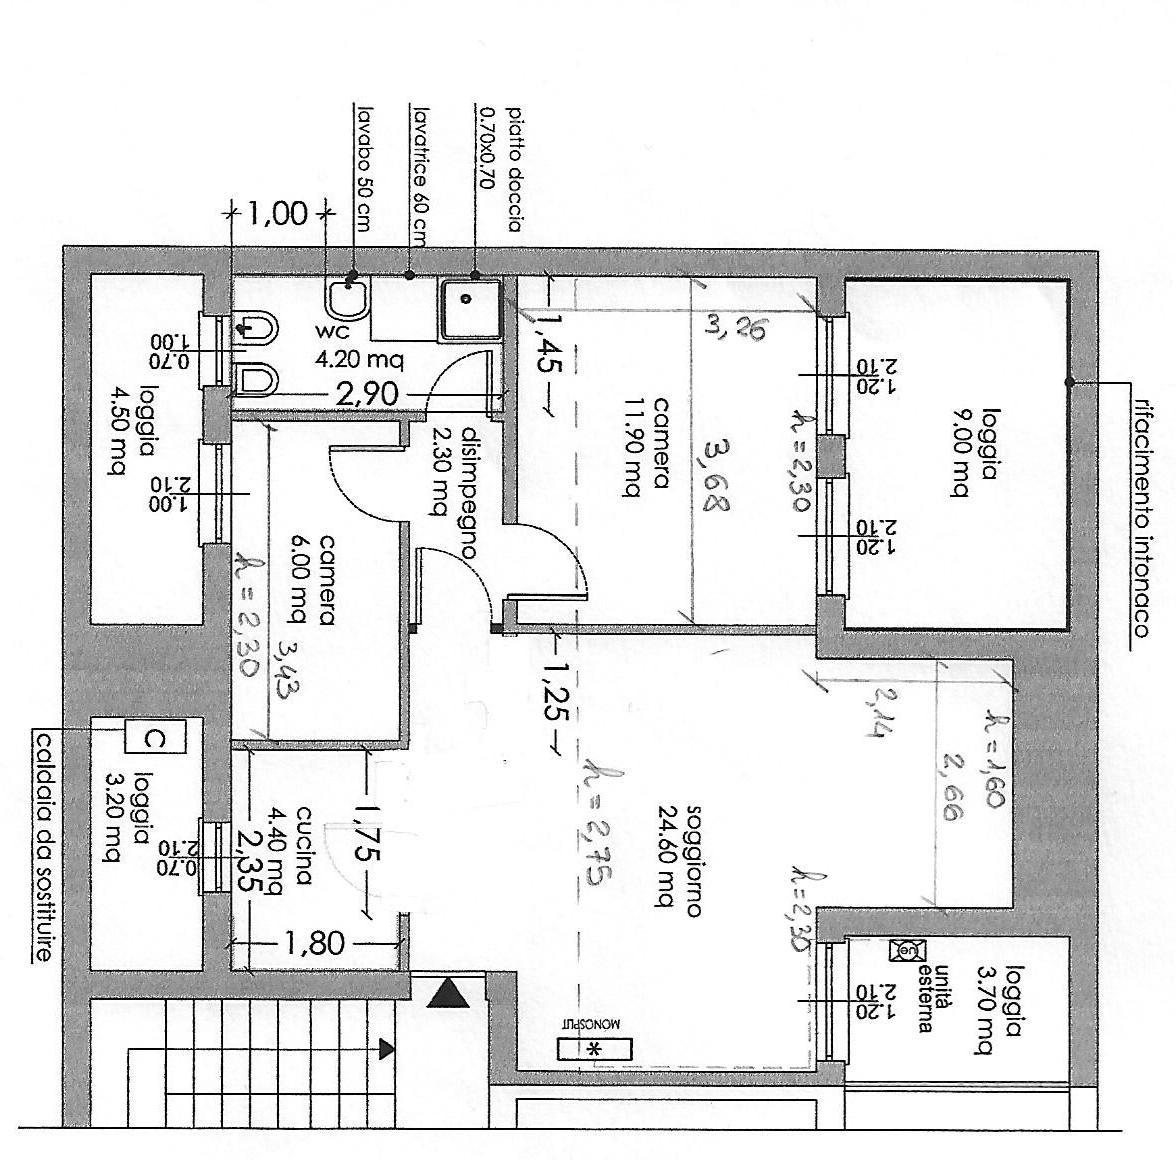 Preventivo armadi guardaroba mobili casa arredamento for Preventivo arredamento casa